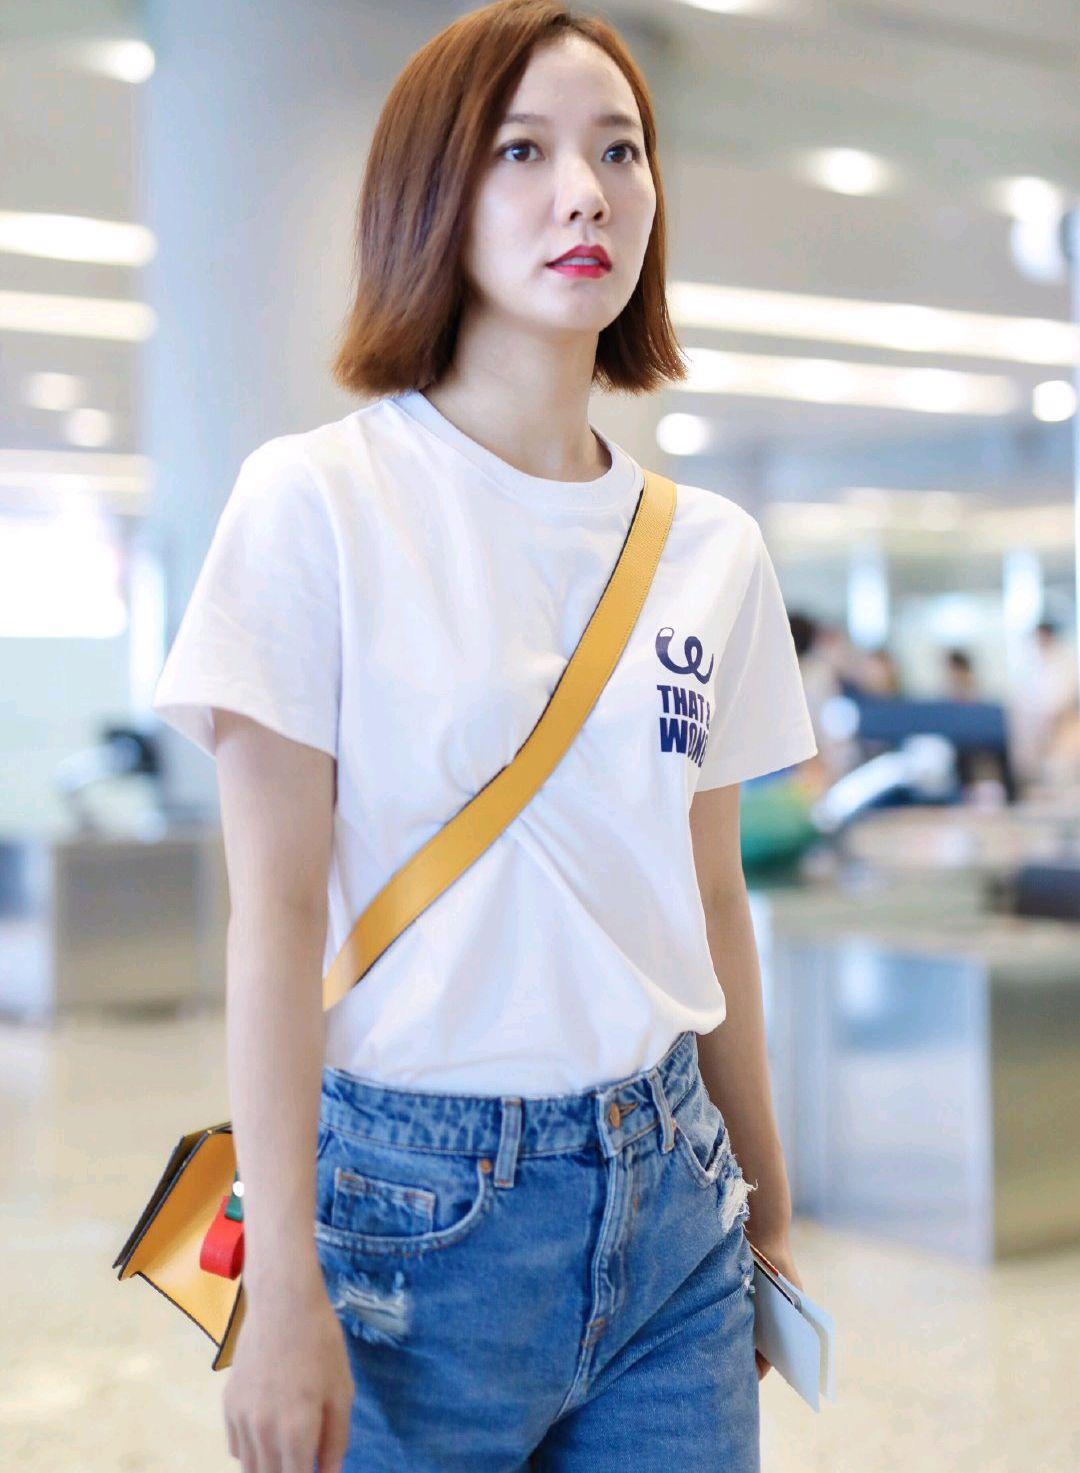 王珞丹短发造型很减龄,身穿白色针织衫搭配高腰阔腿裤,时尚高级